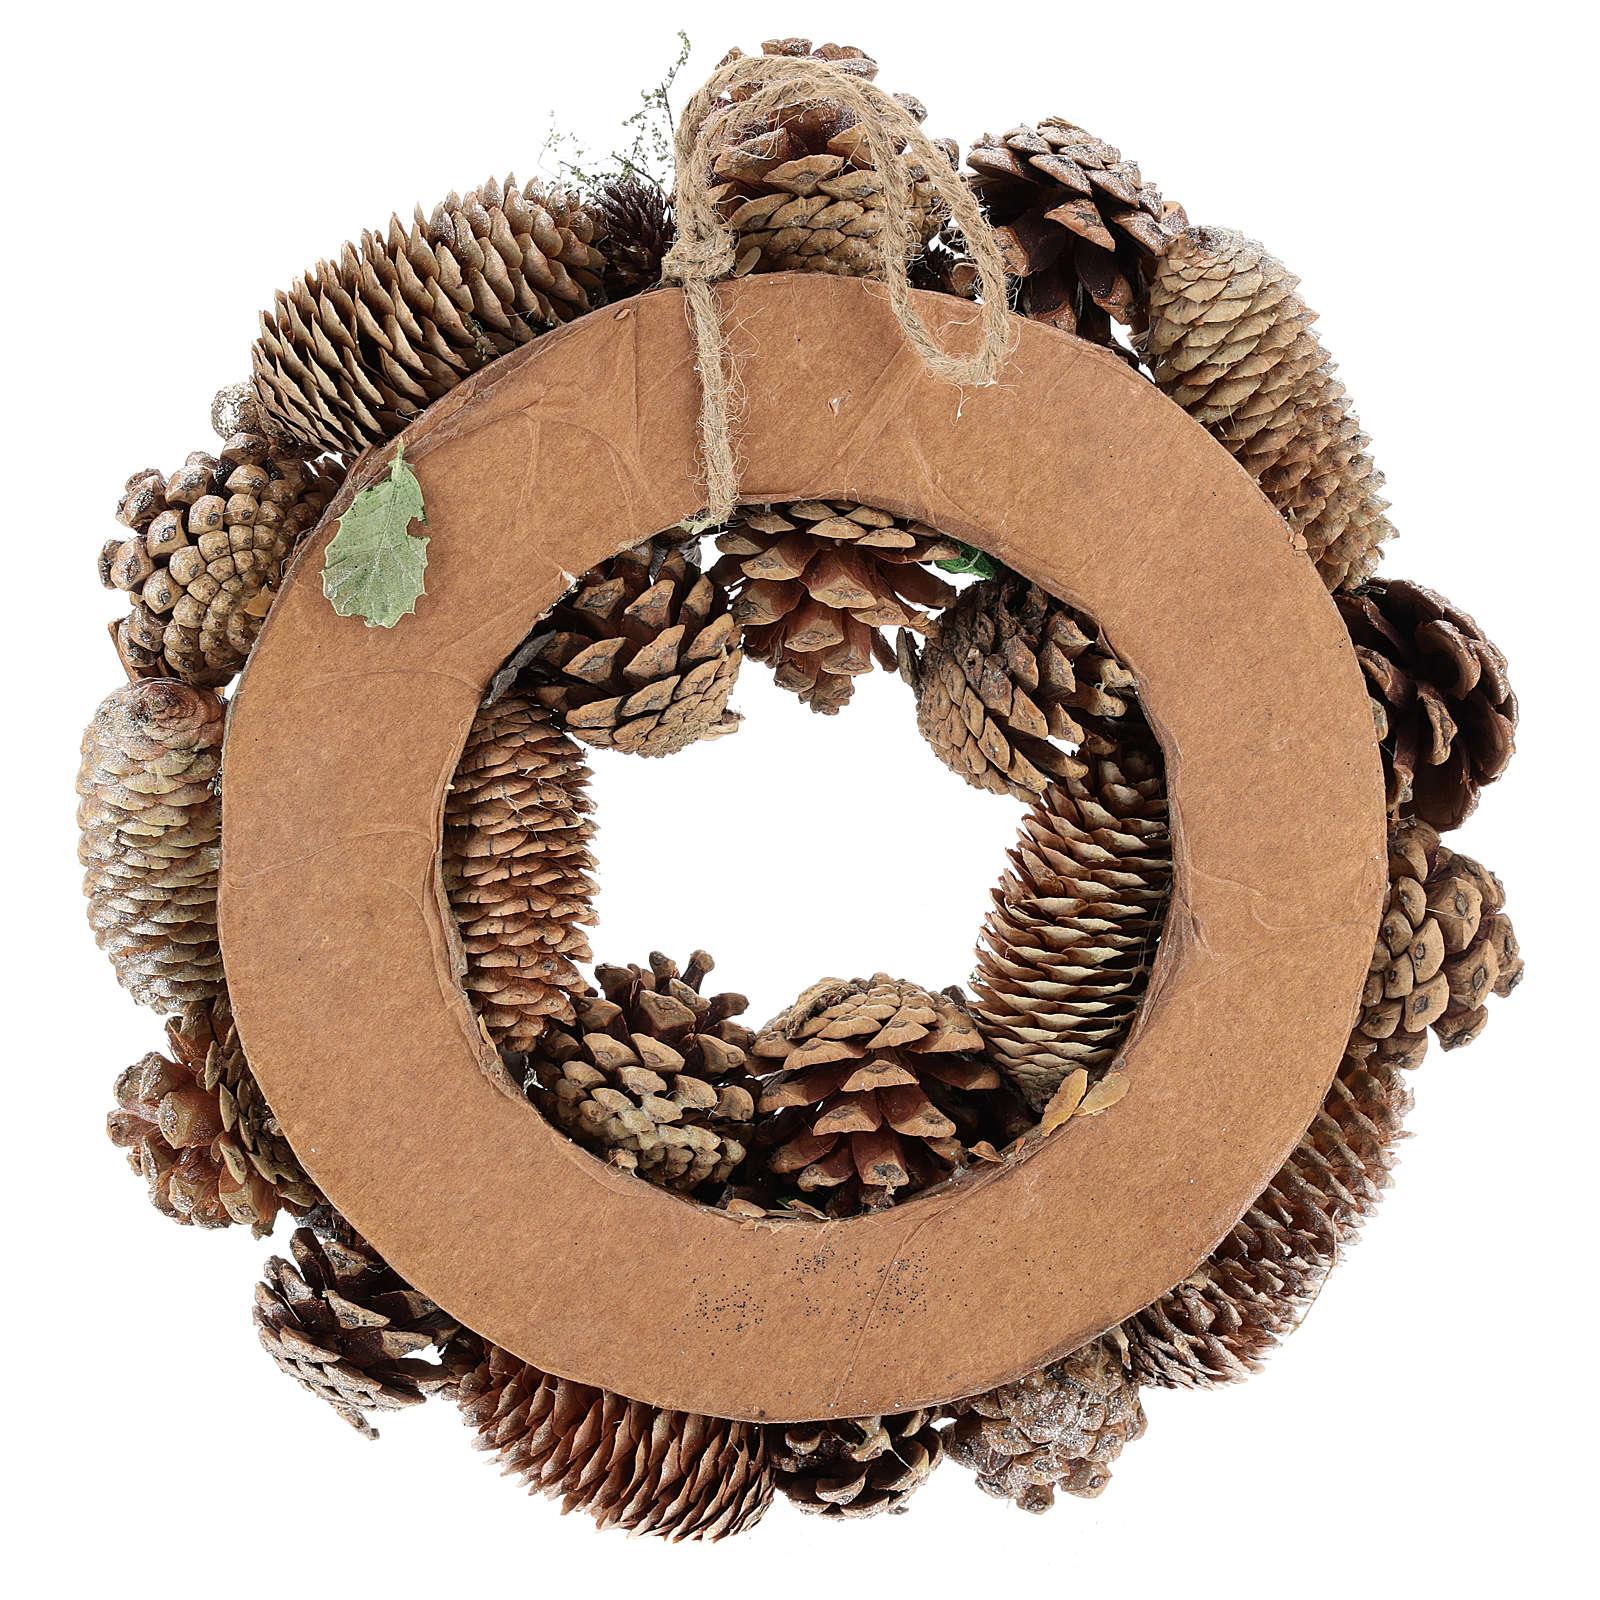 Corona dell'Avvento con pigne e mele 30 cm Gold 3